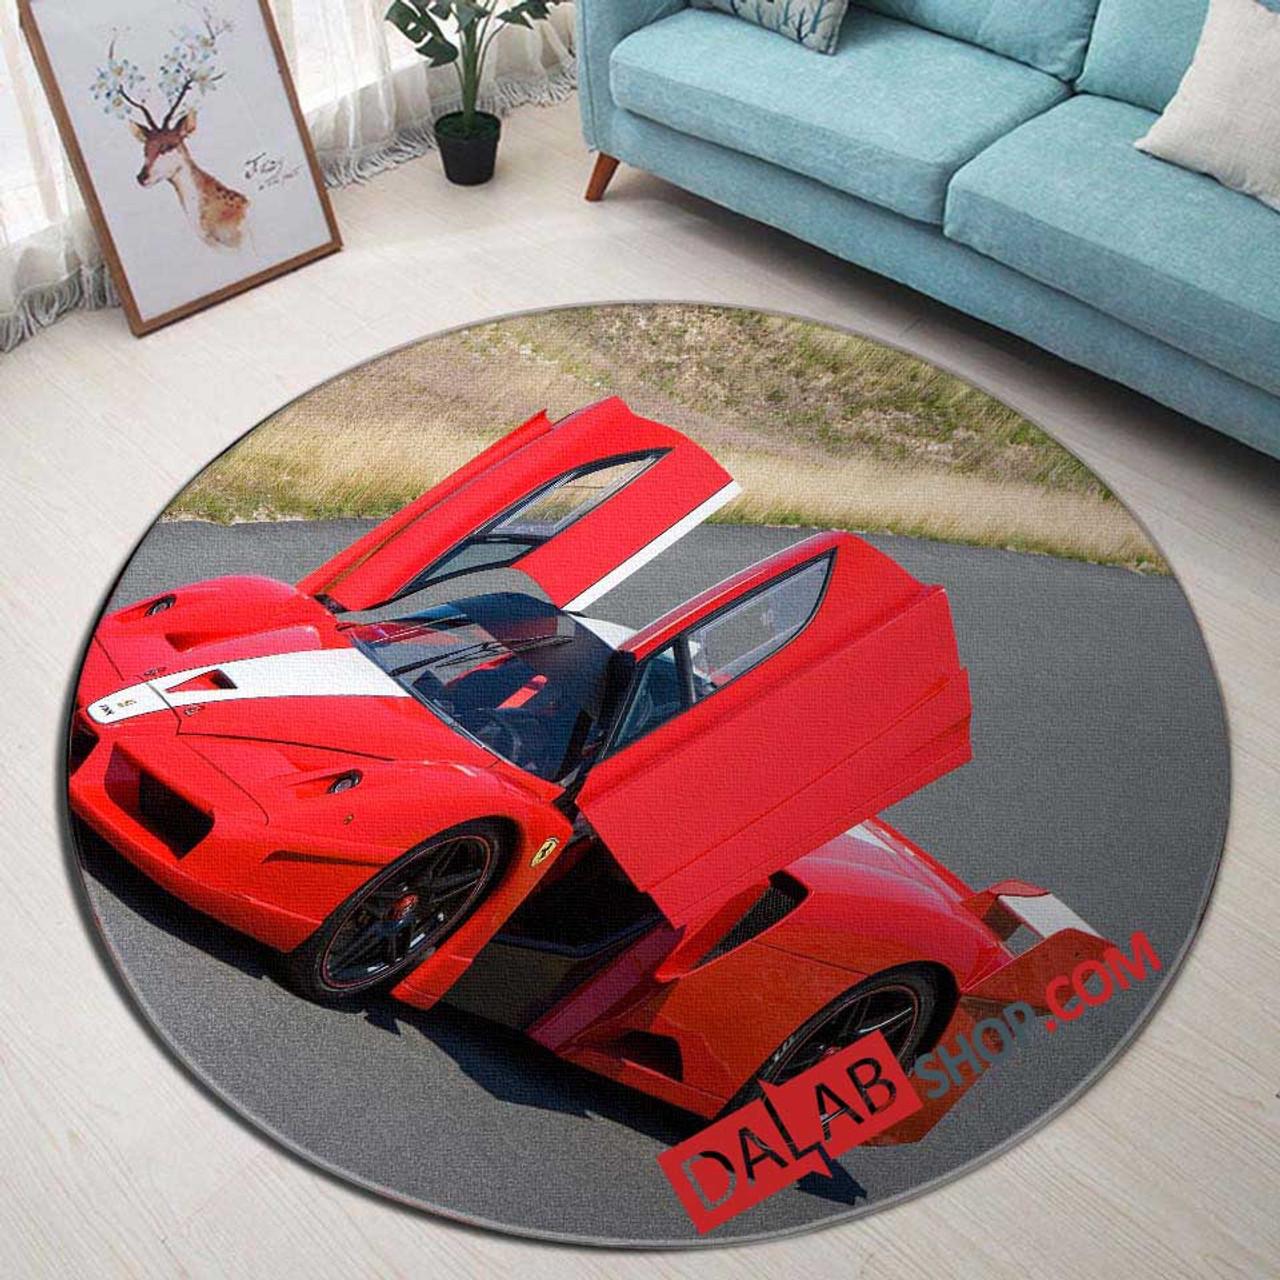 Super Car 2005 Ferrari Fxx N 3d Customized Personalized Round Carpet Rug